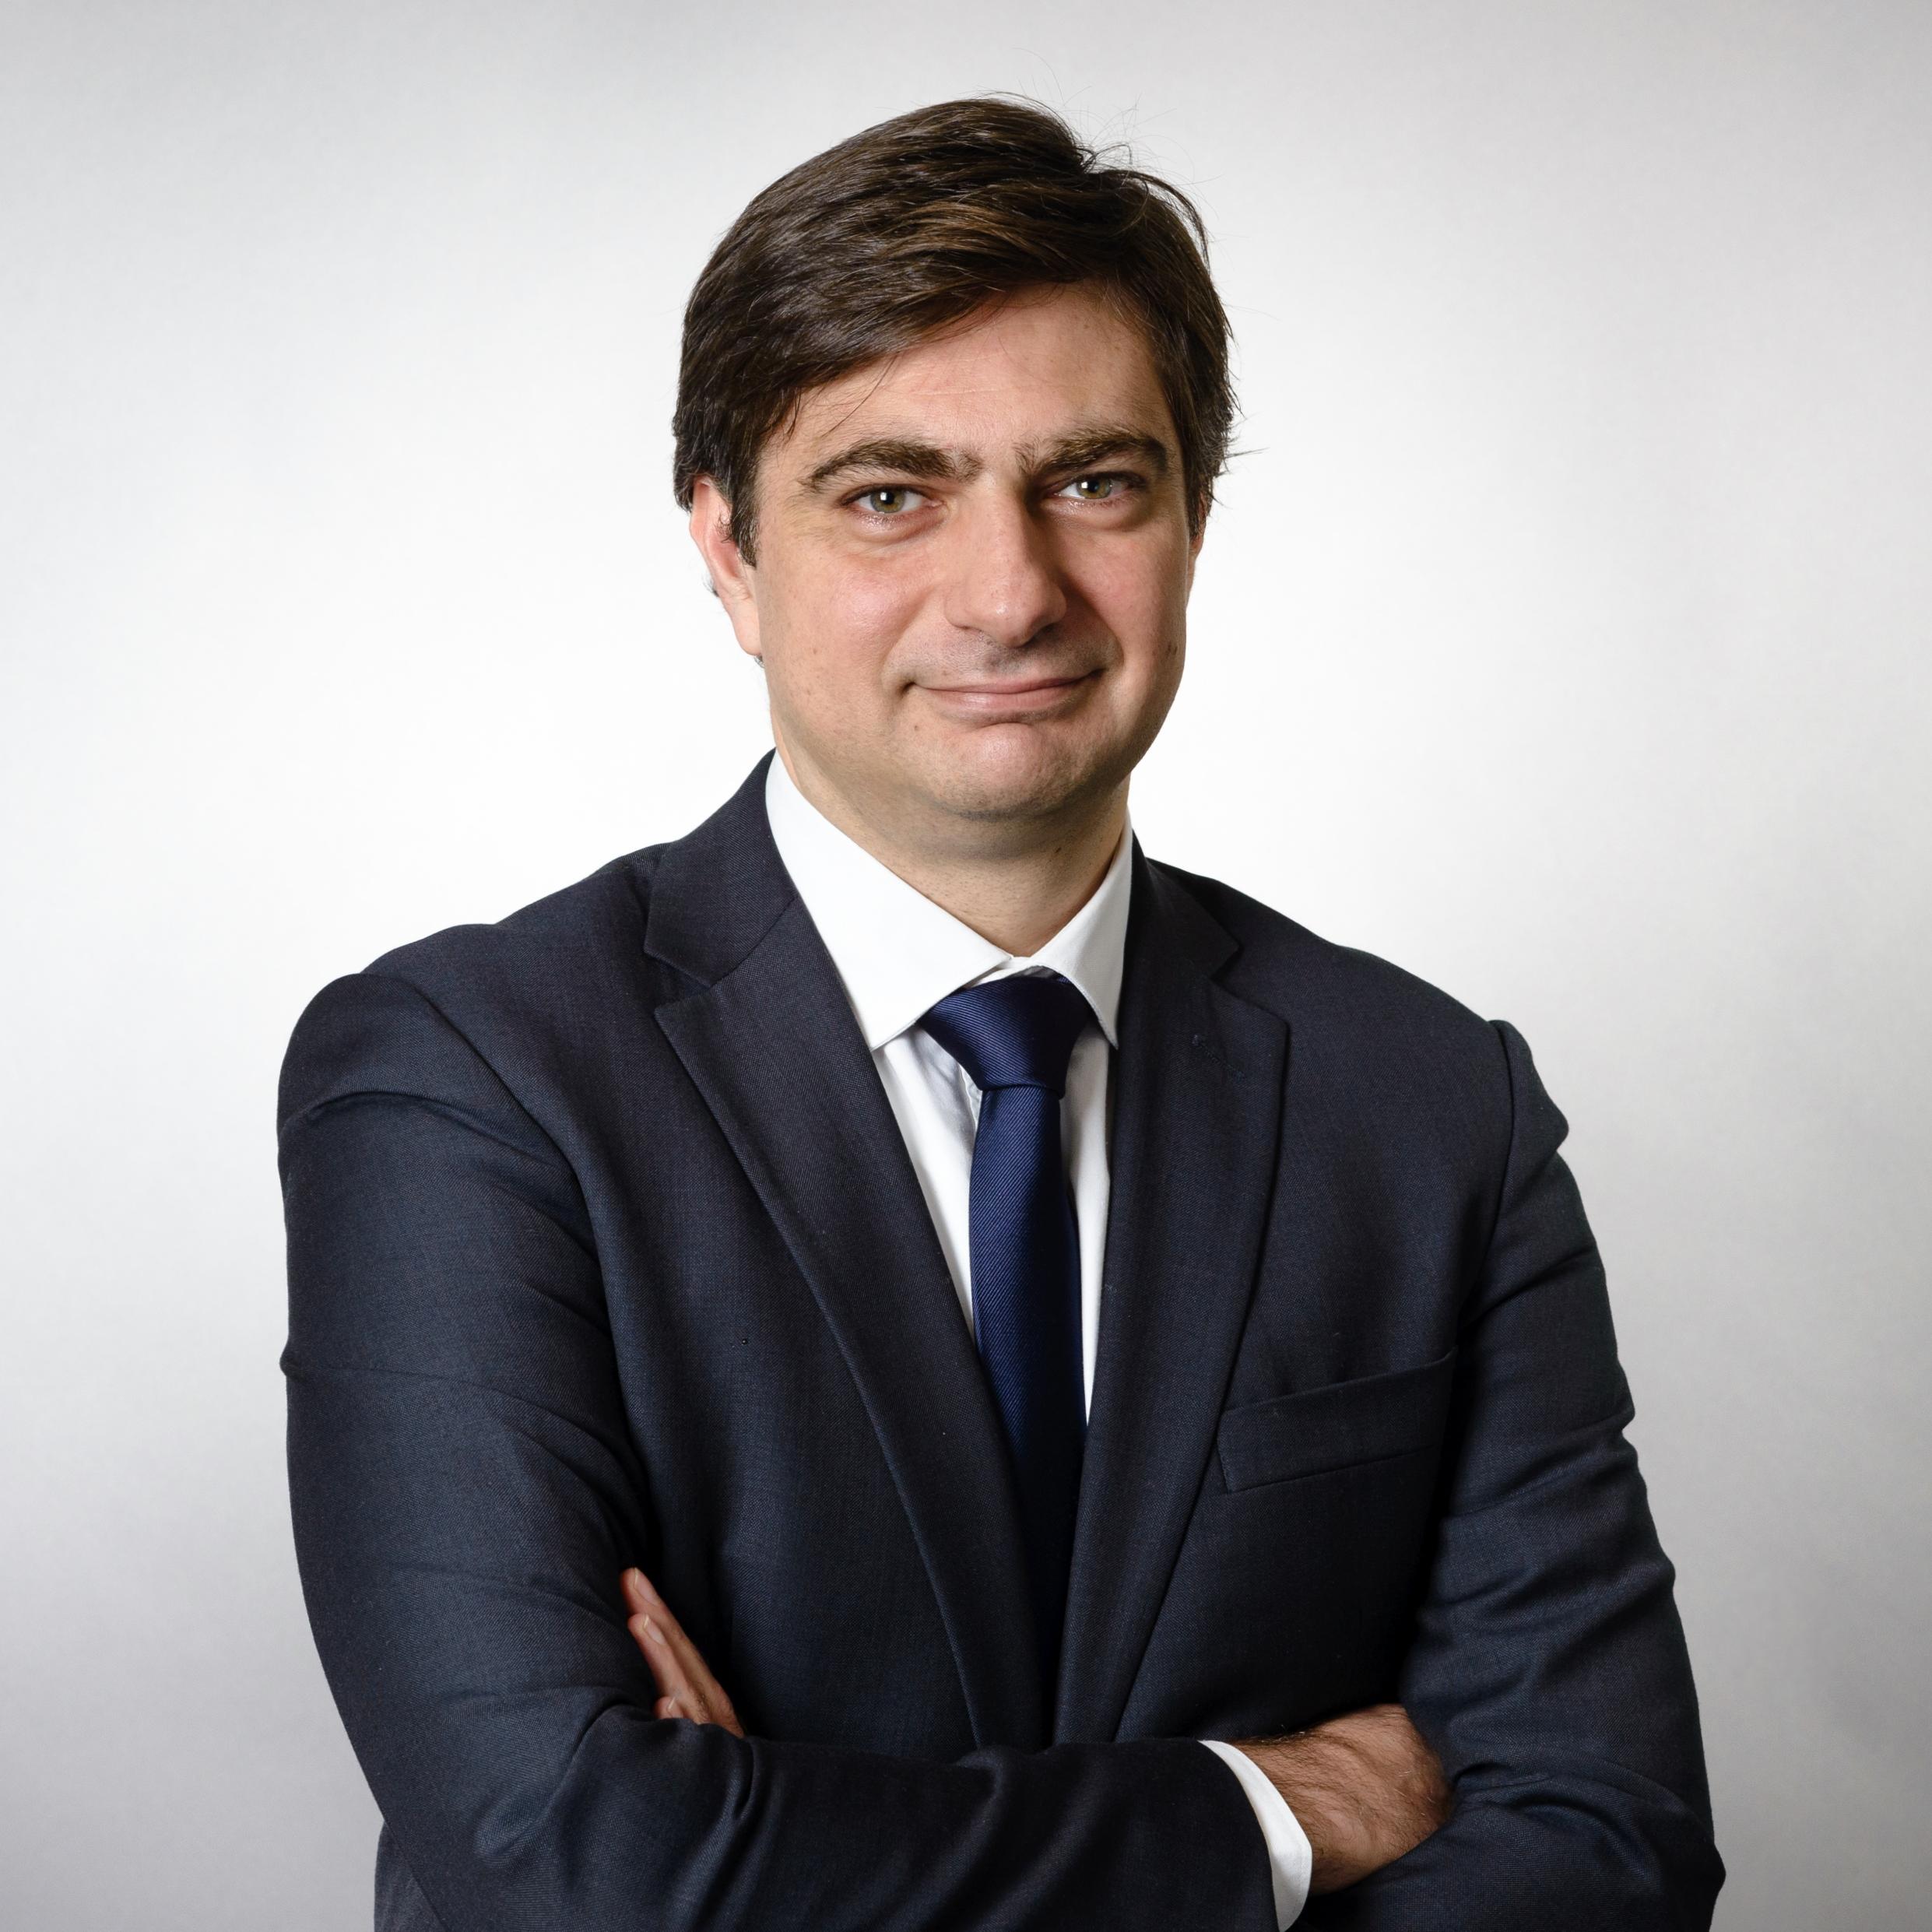 Serafino Abate